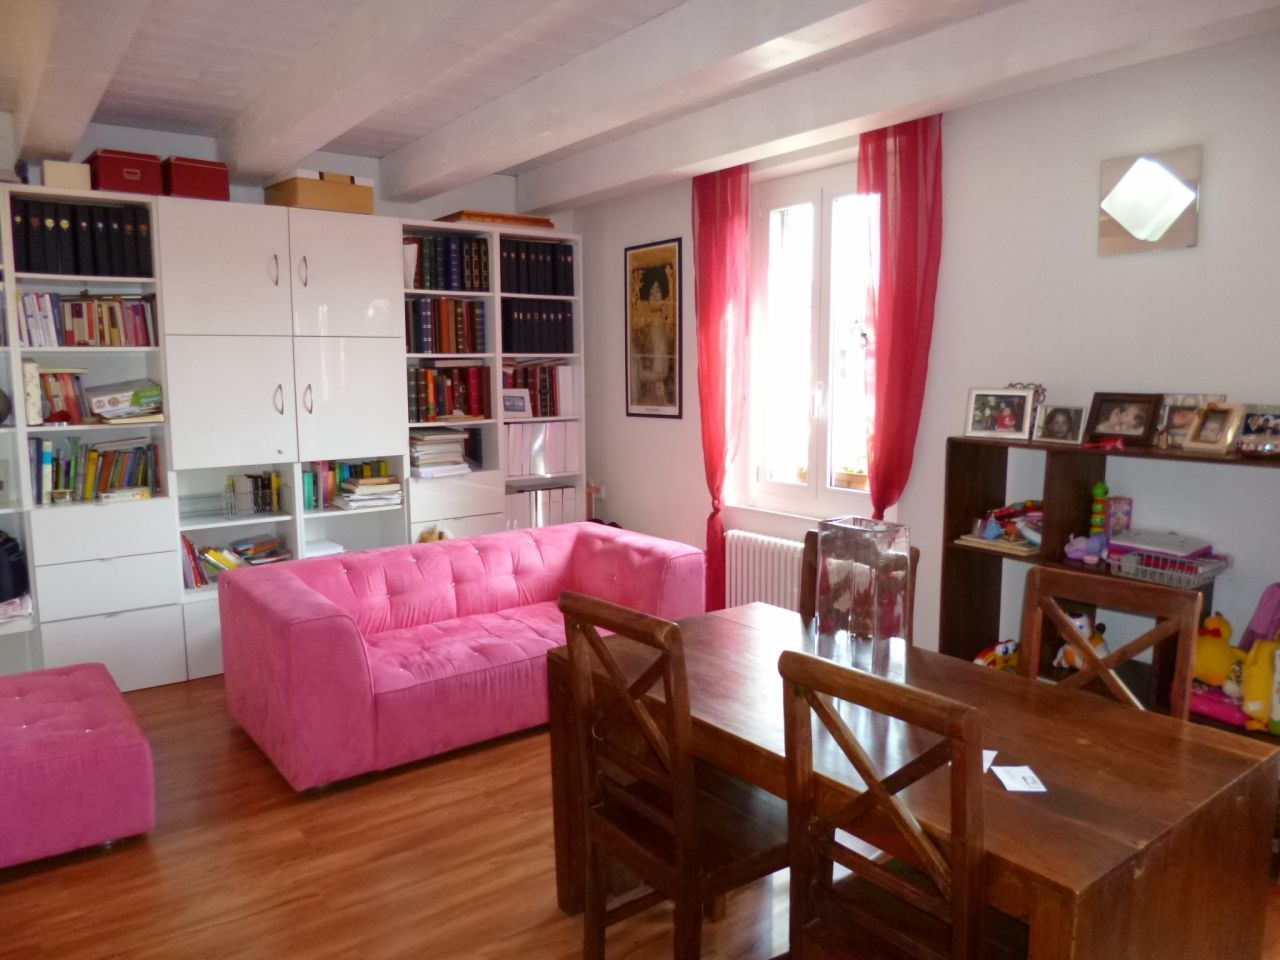 Appartamento in vendita a Jesi, 3 locali, prezzo € 115.000 | Cambio Casa.it